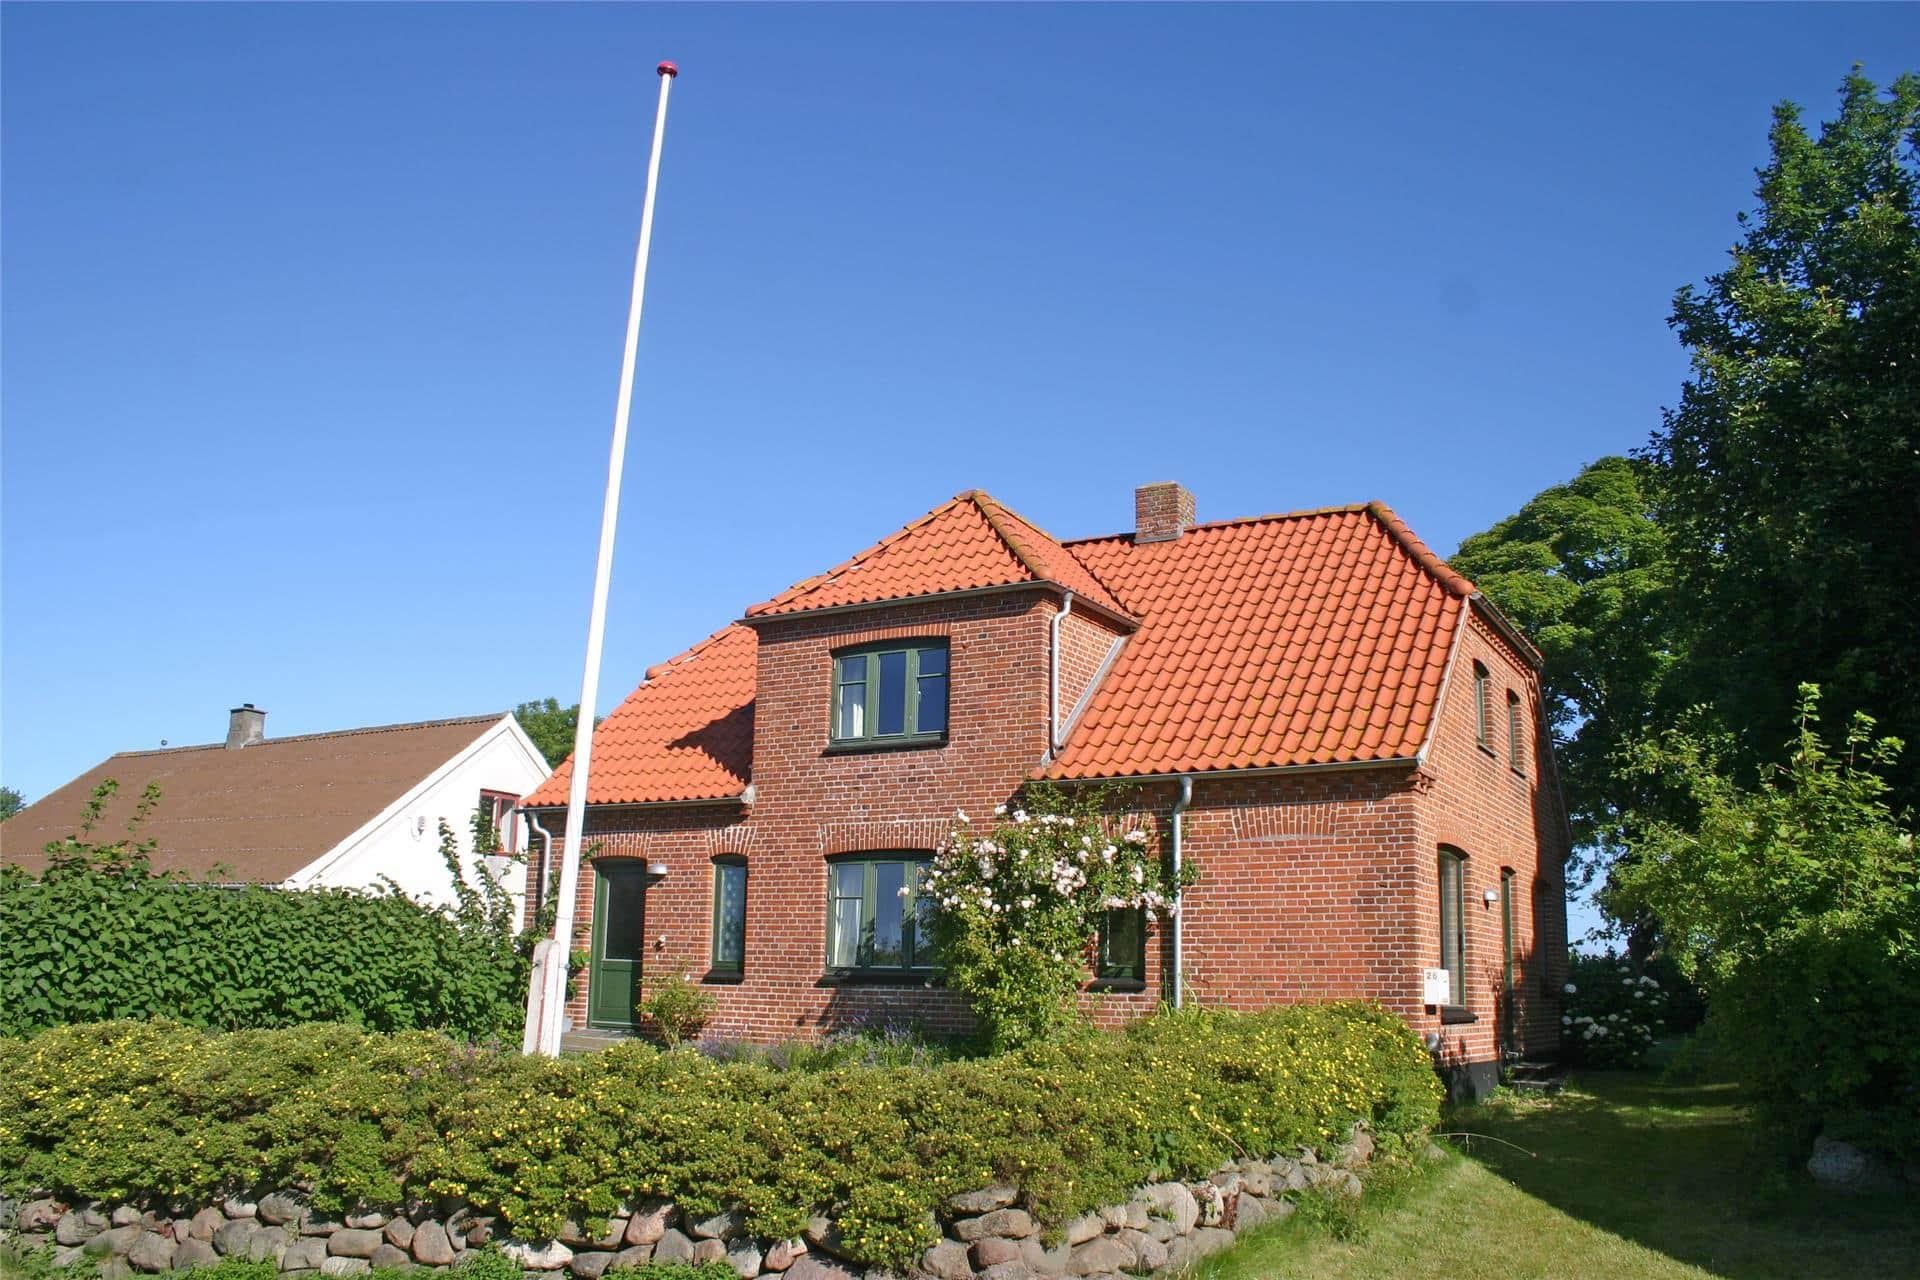 Afbeelding 1-19 Vakantiehuis 30816, Tunø Hovedgade 26, DK - 8300 Odder